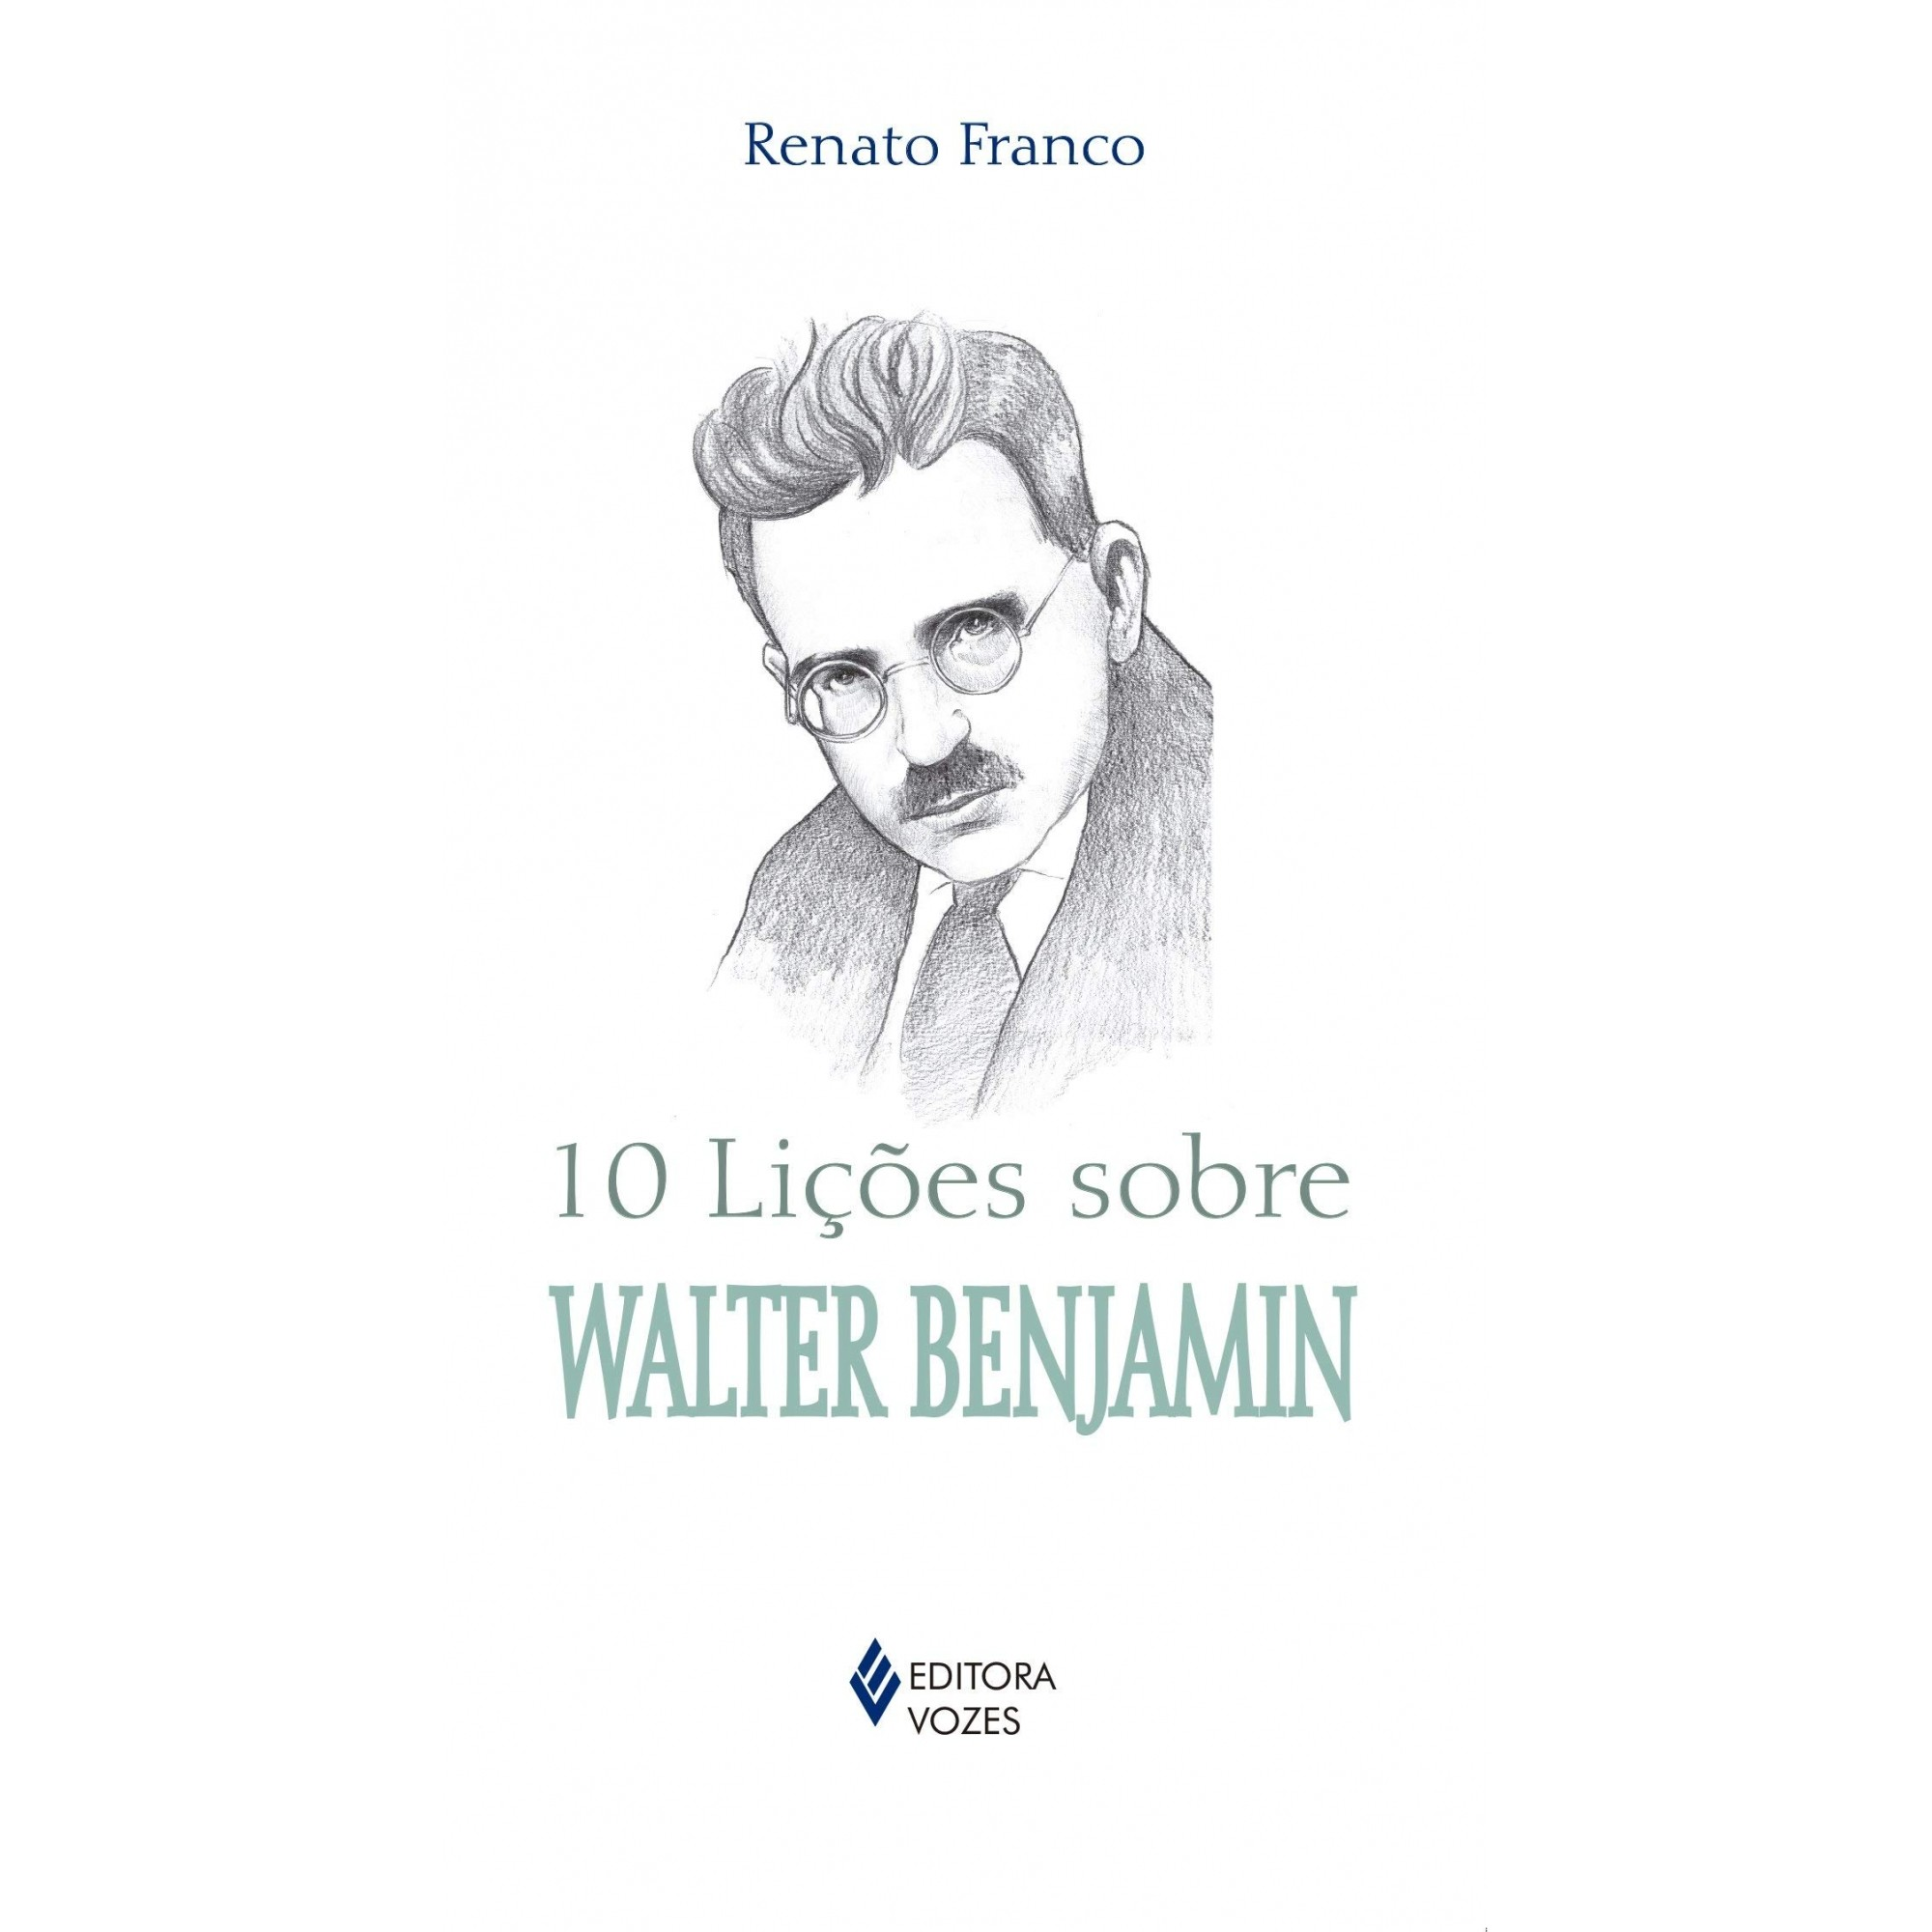 10 LICOES SOBRE WALTER BENJAMIN